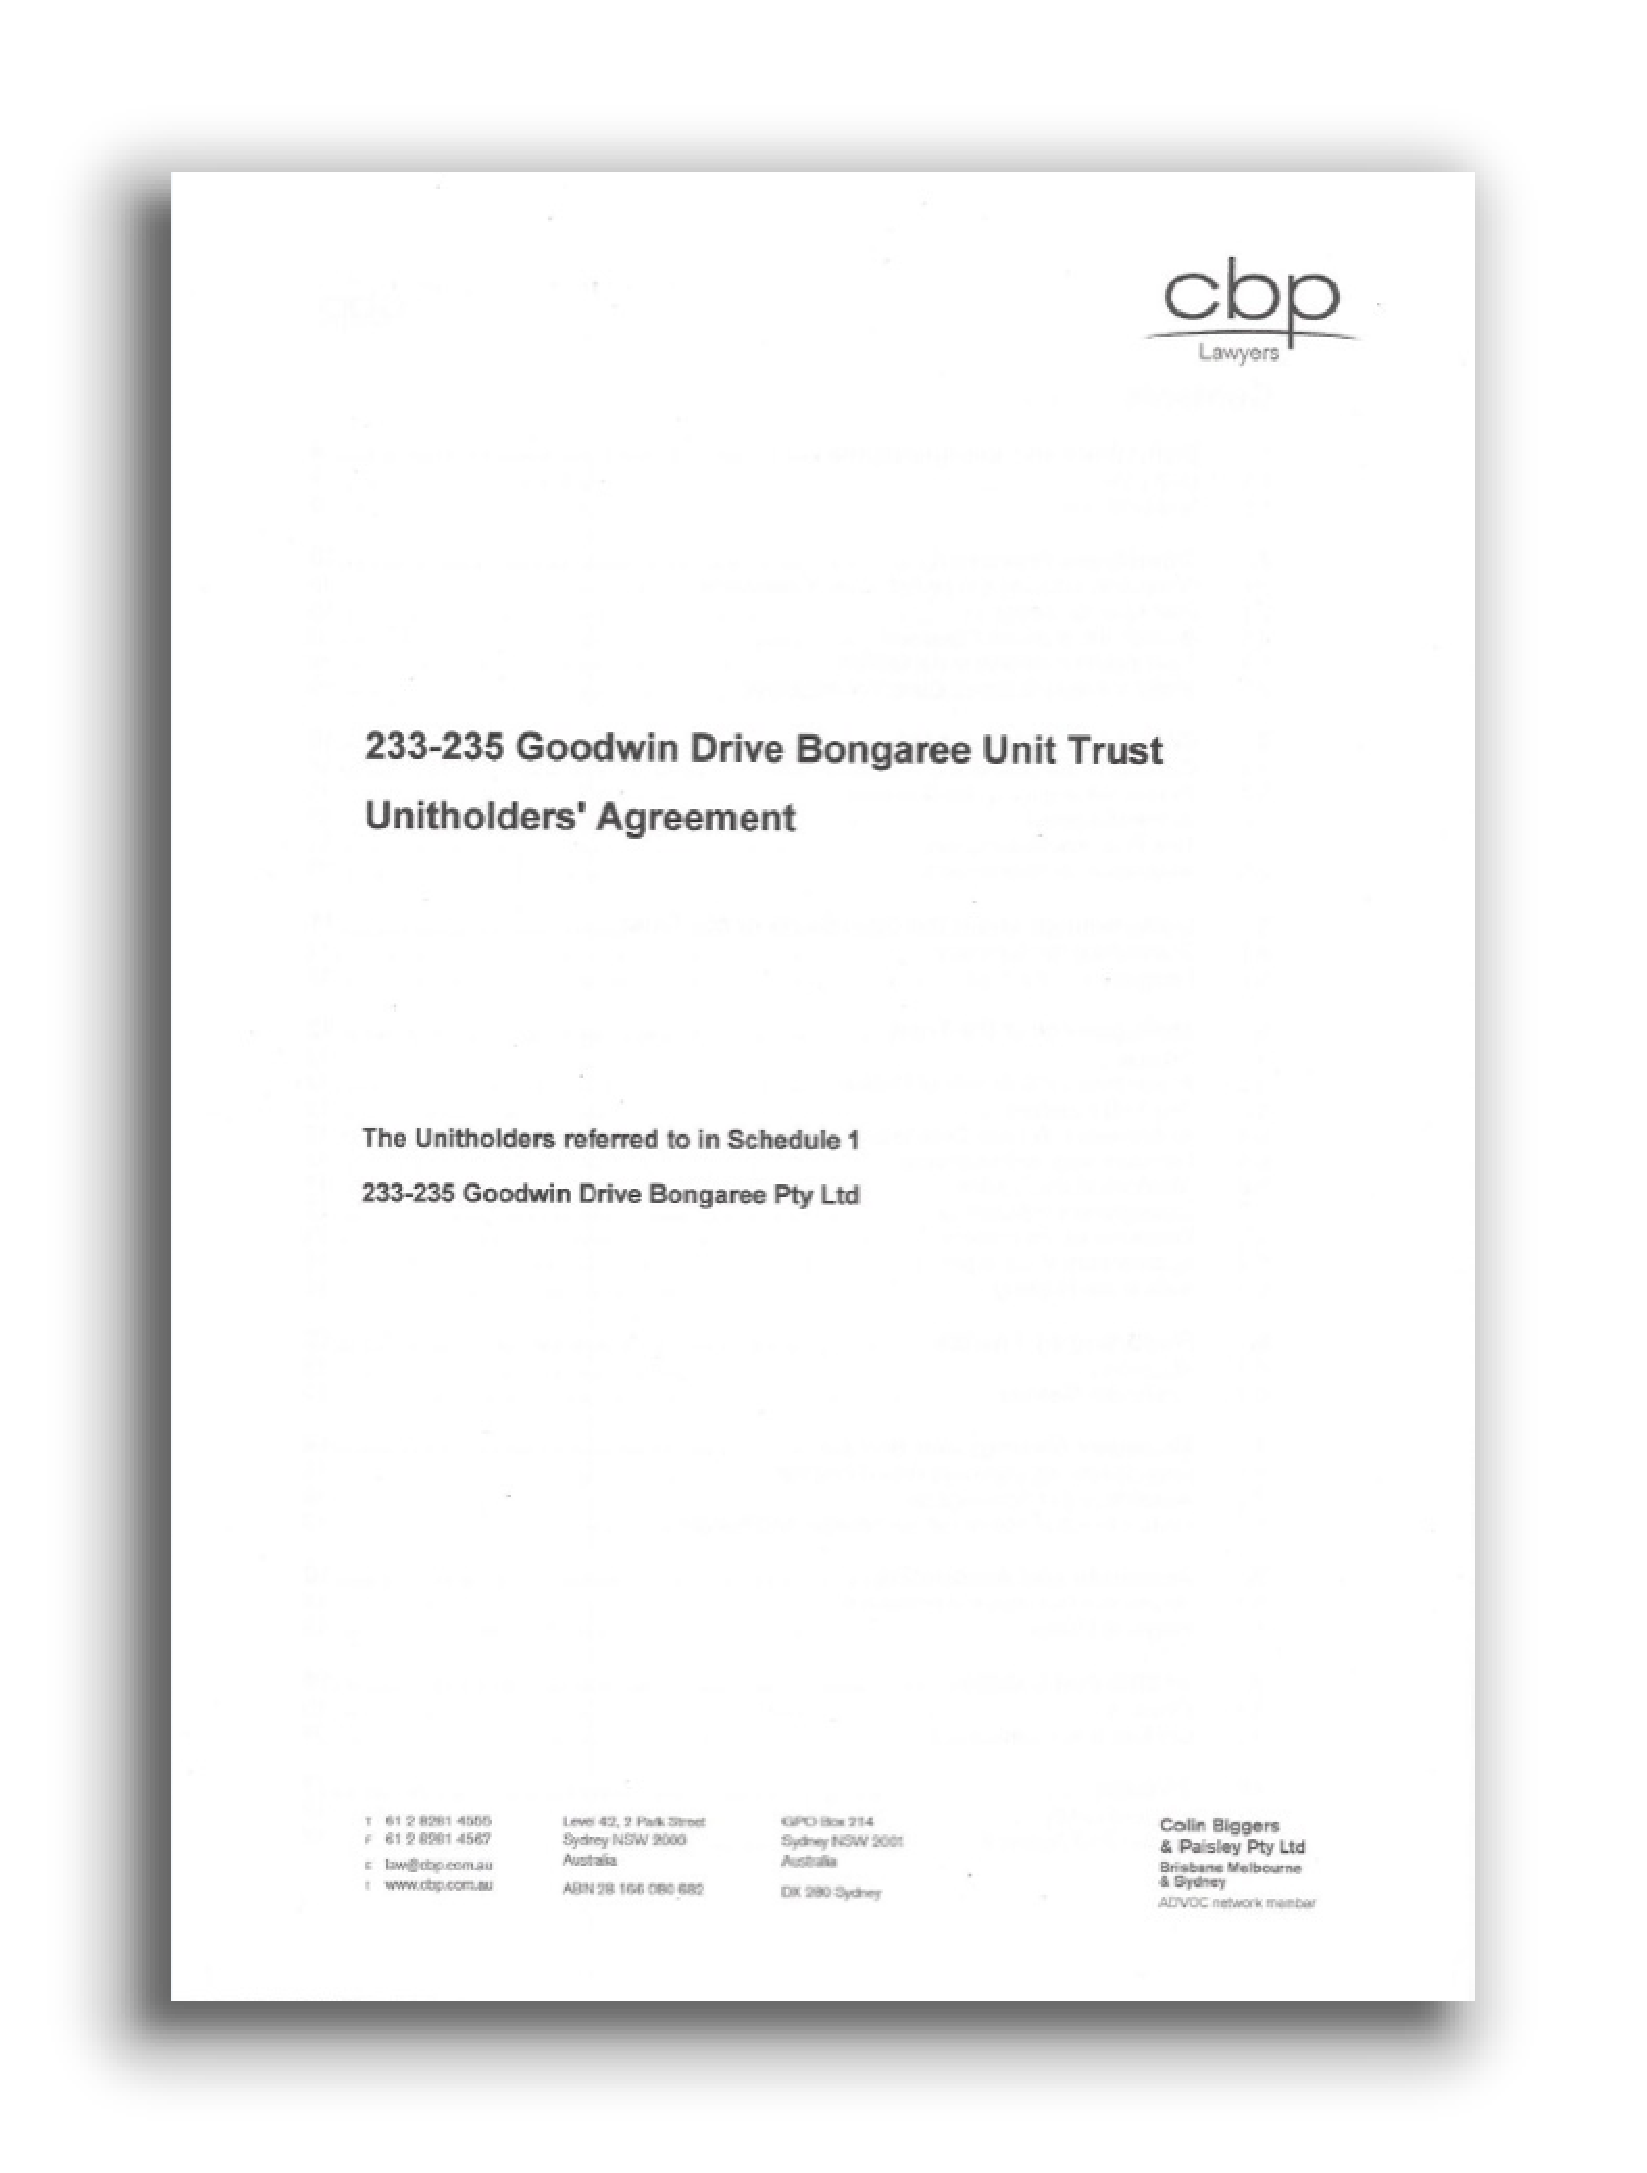 Unitholders Agreement (UHA)